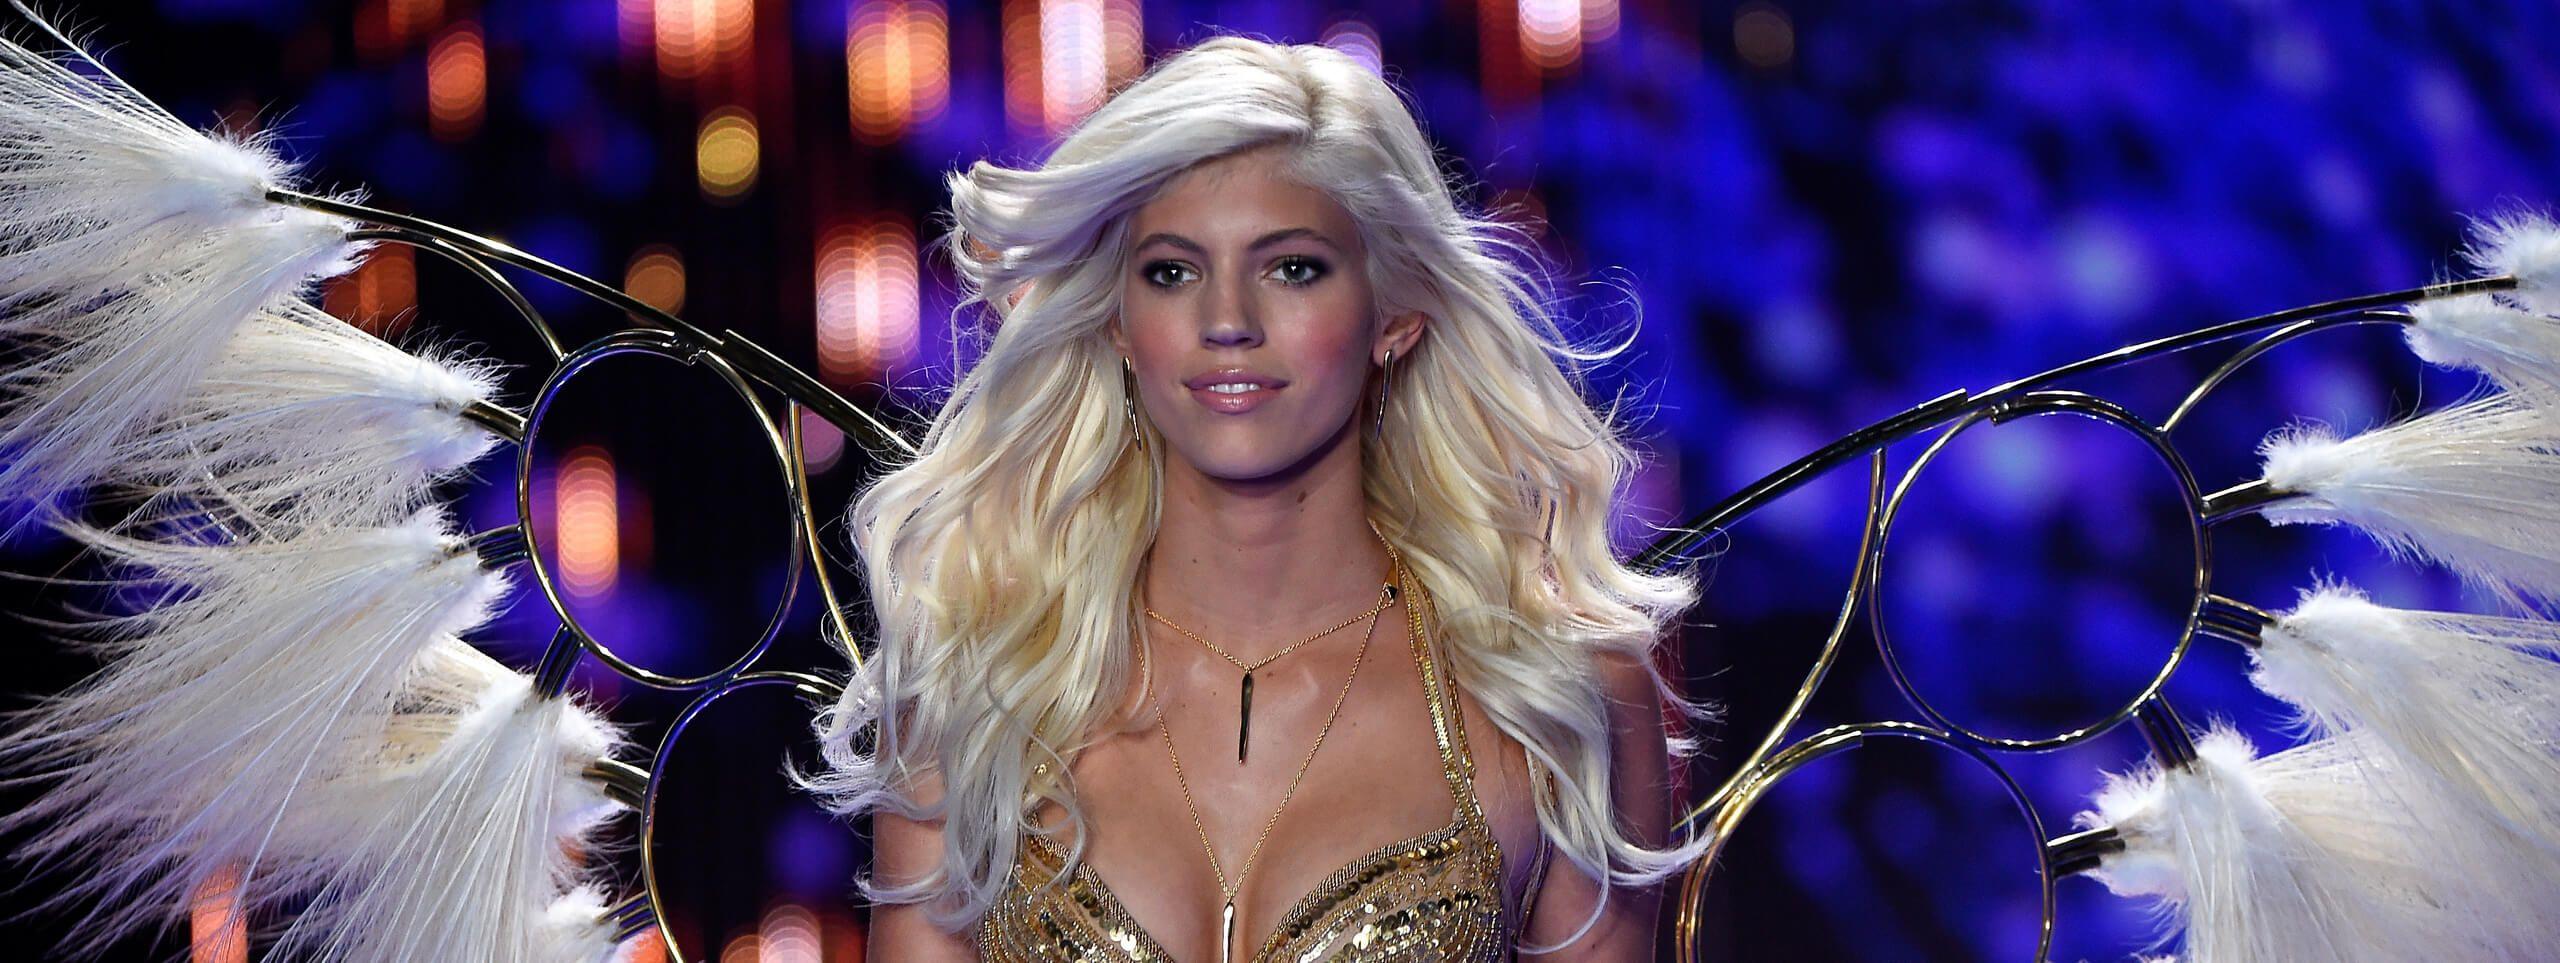 Modelle Victoria's Secret biondo estivo